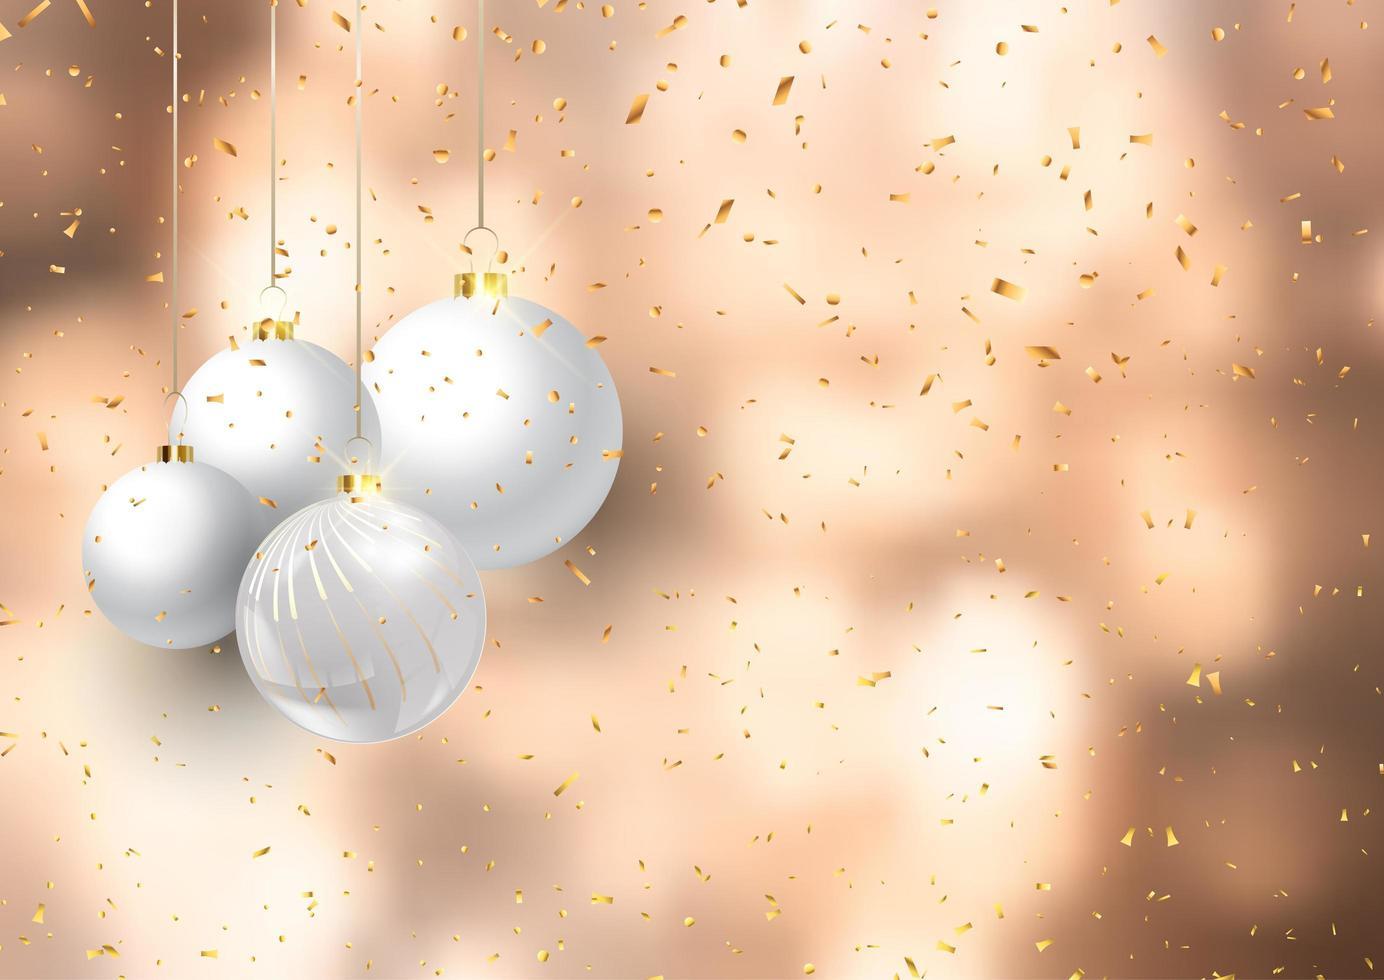 Bagattelle di Natale su sfondo di coriandoli vettore